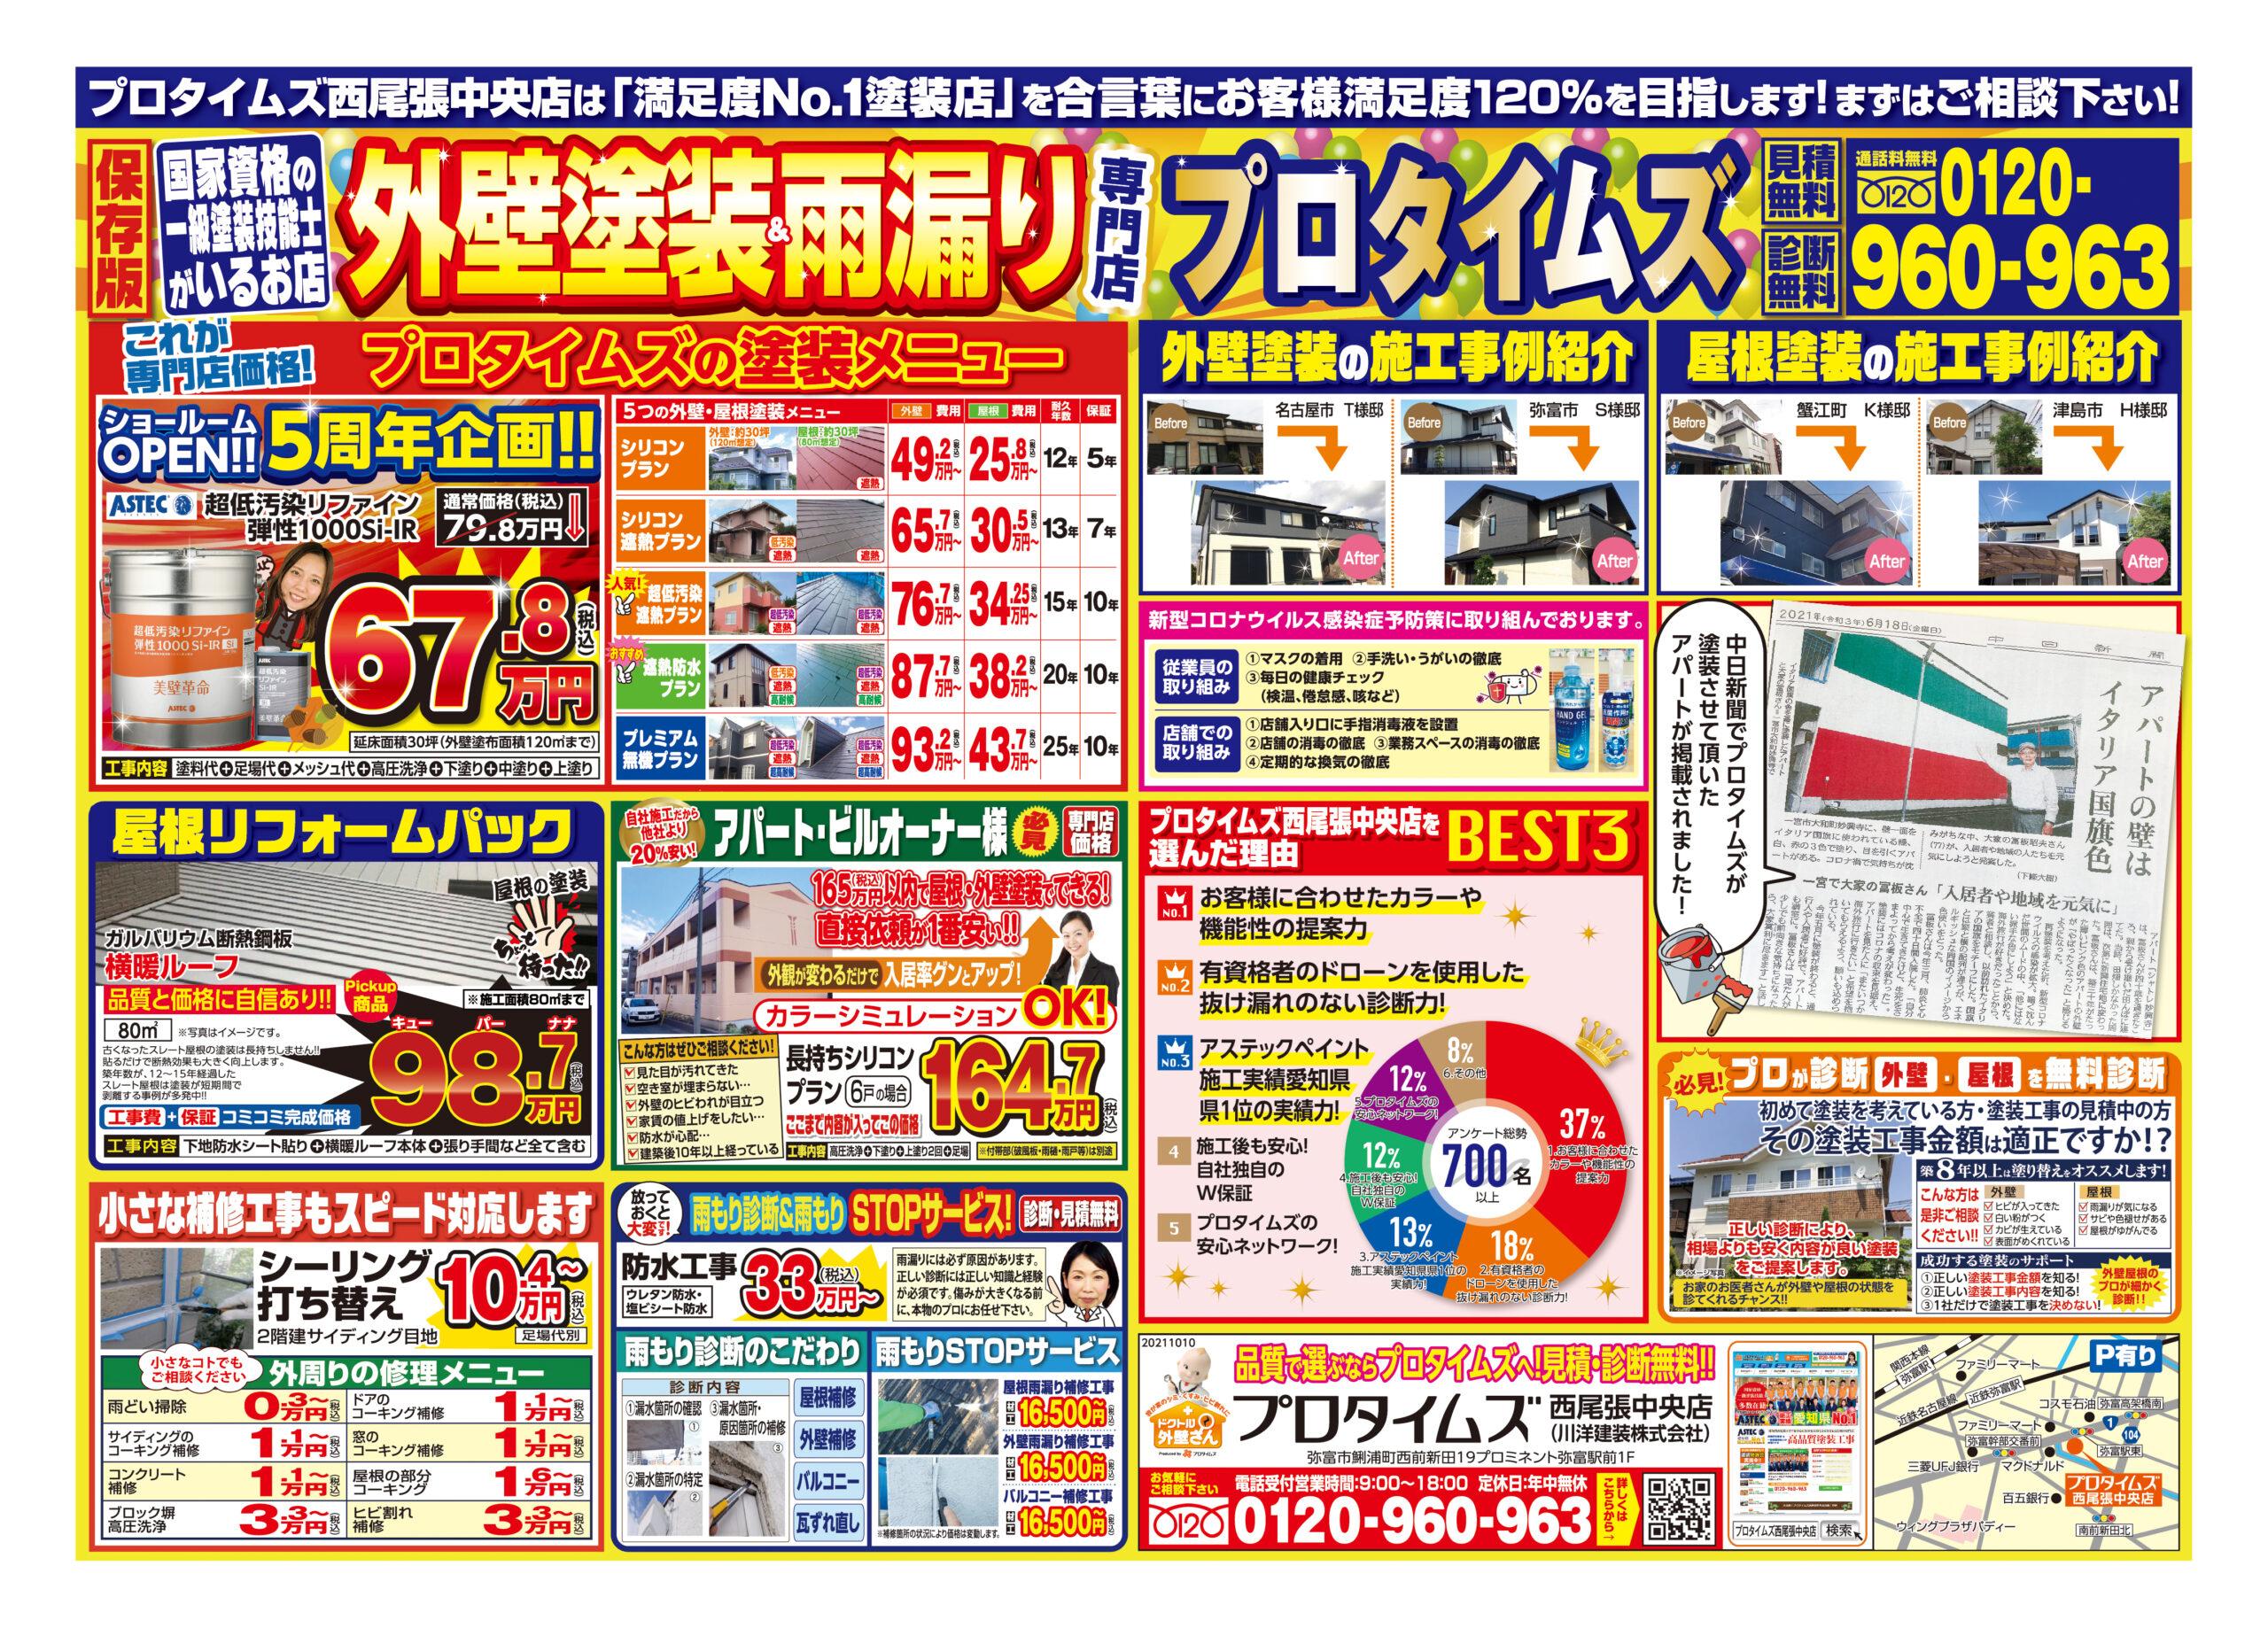 20211010折込みちらし2【西尾張中央店】